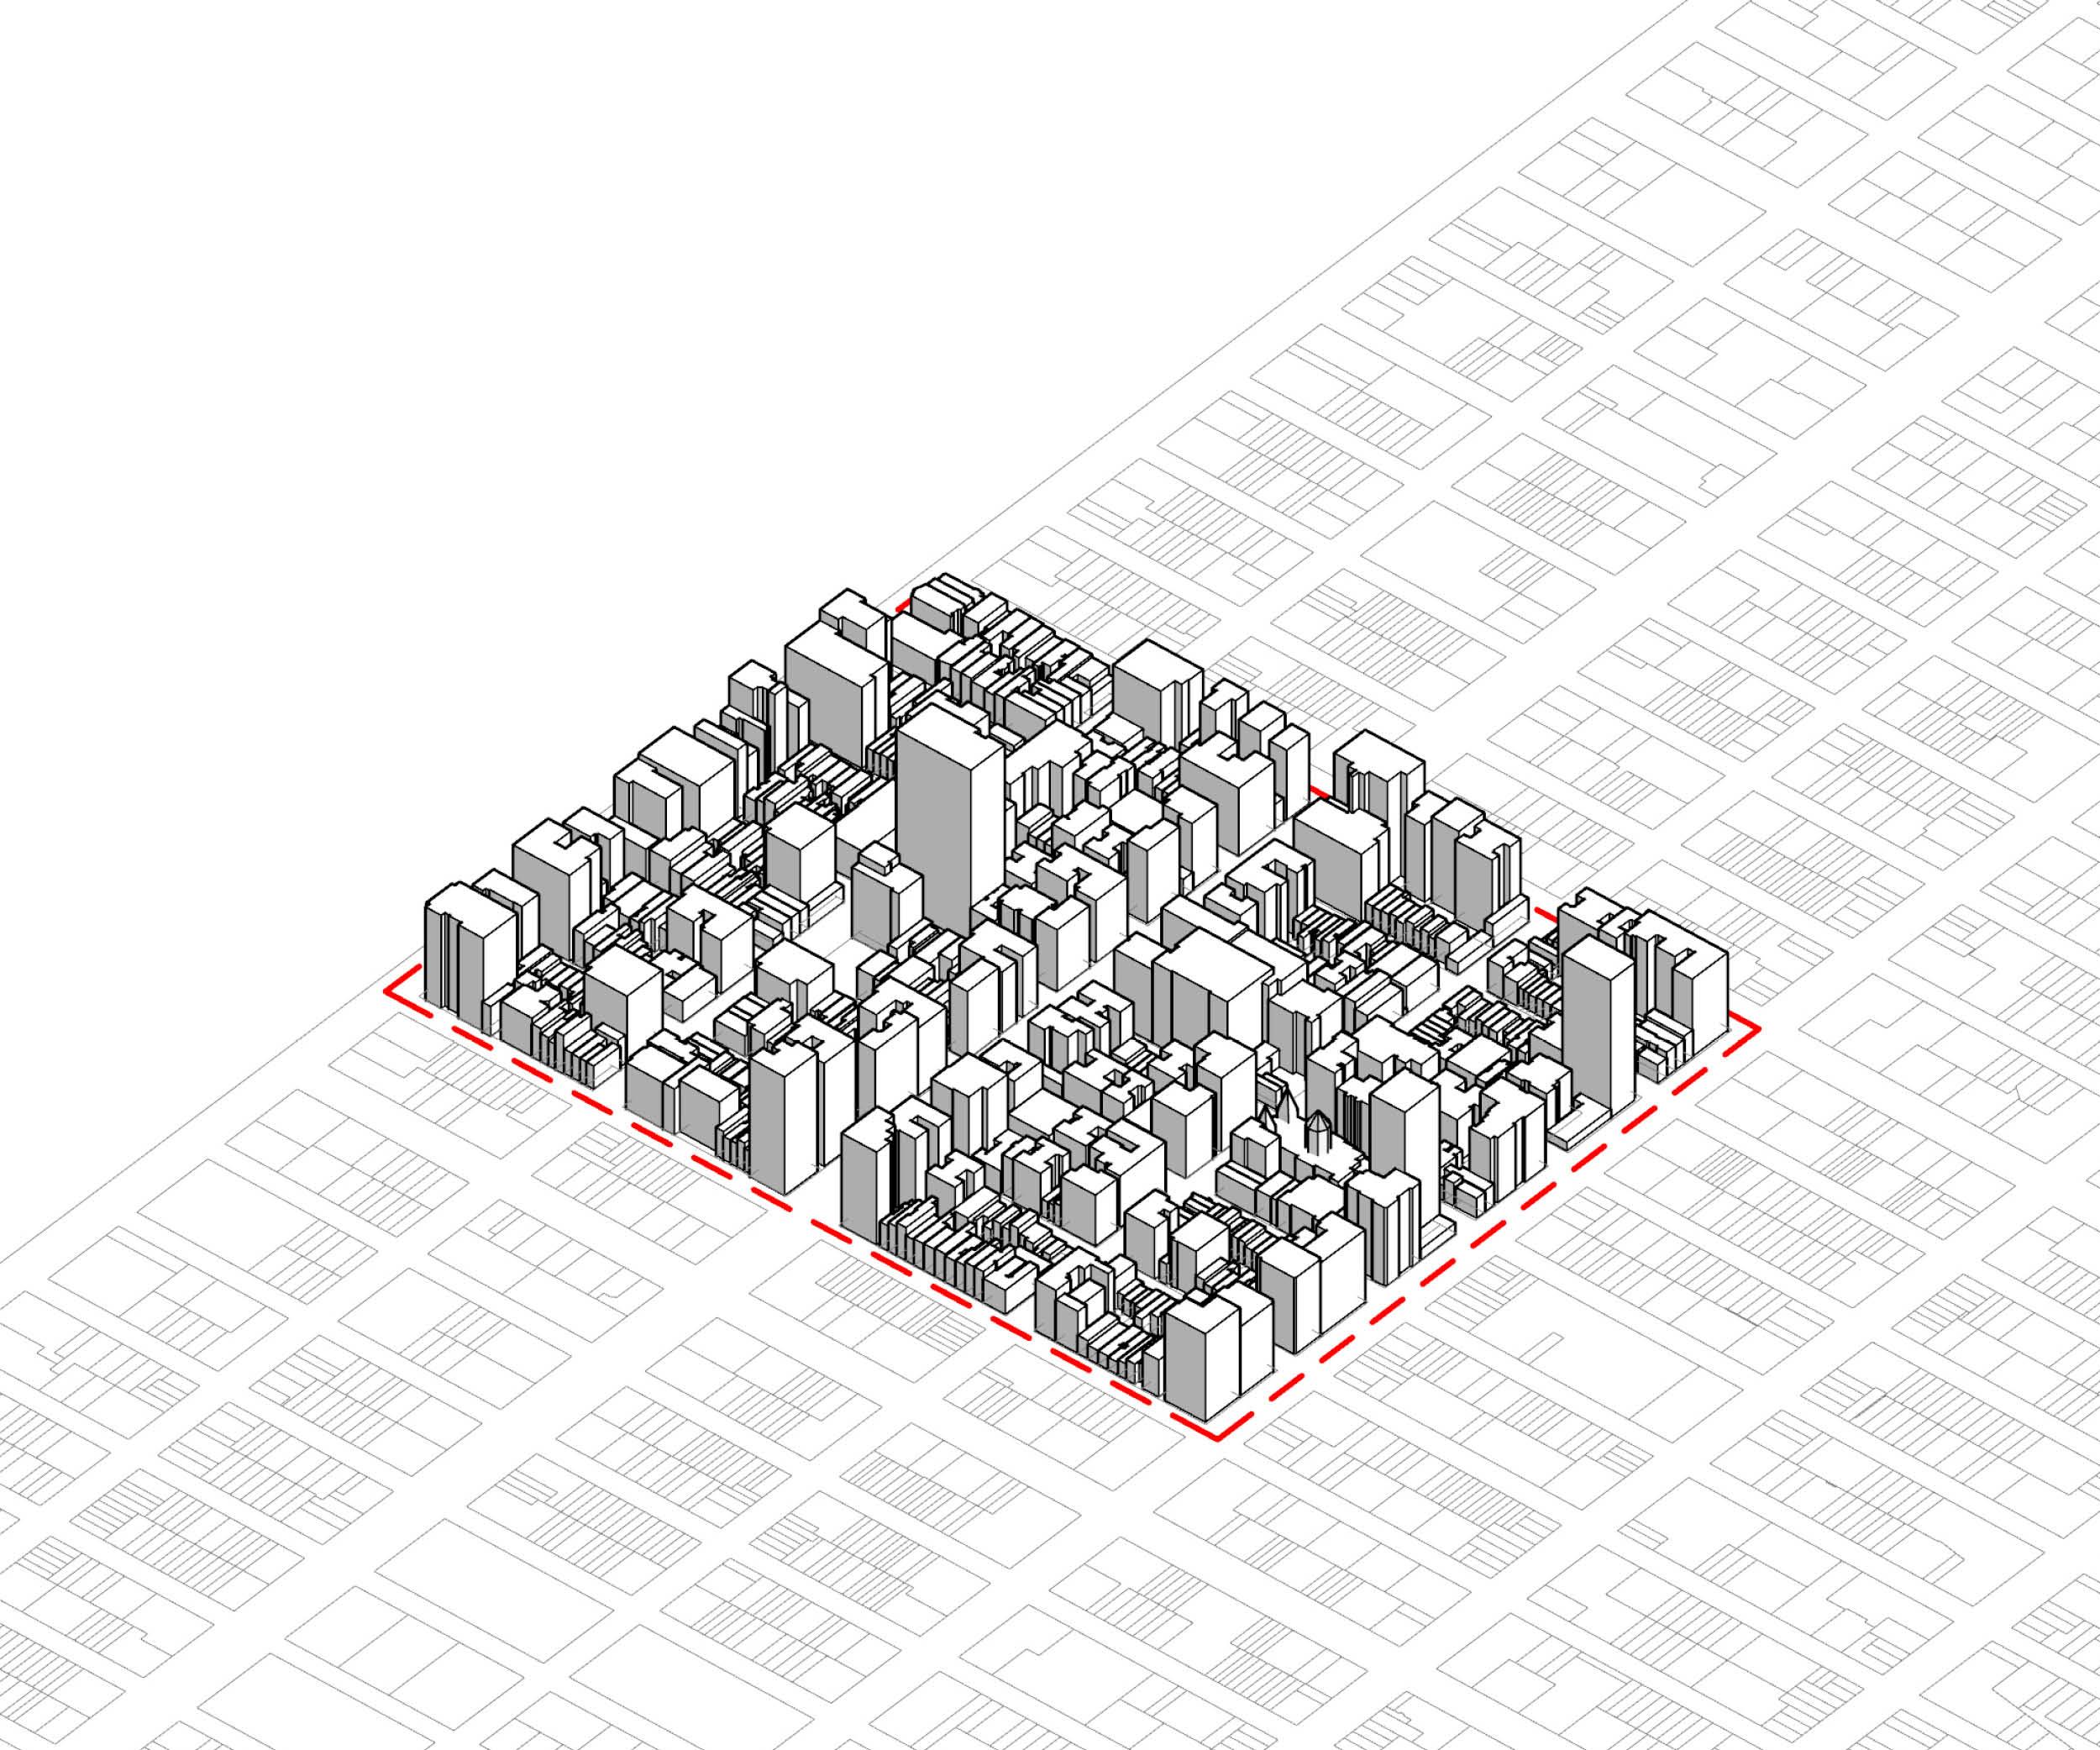 Upper East Side   LD FAR: 4.4  NYC FAR: 7.1